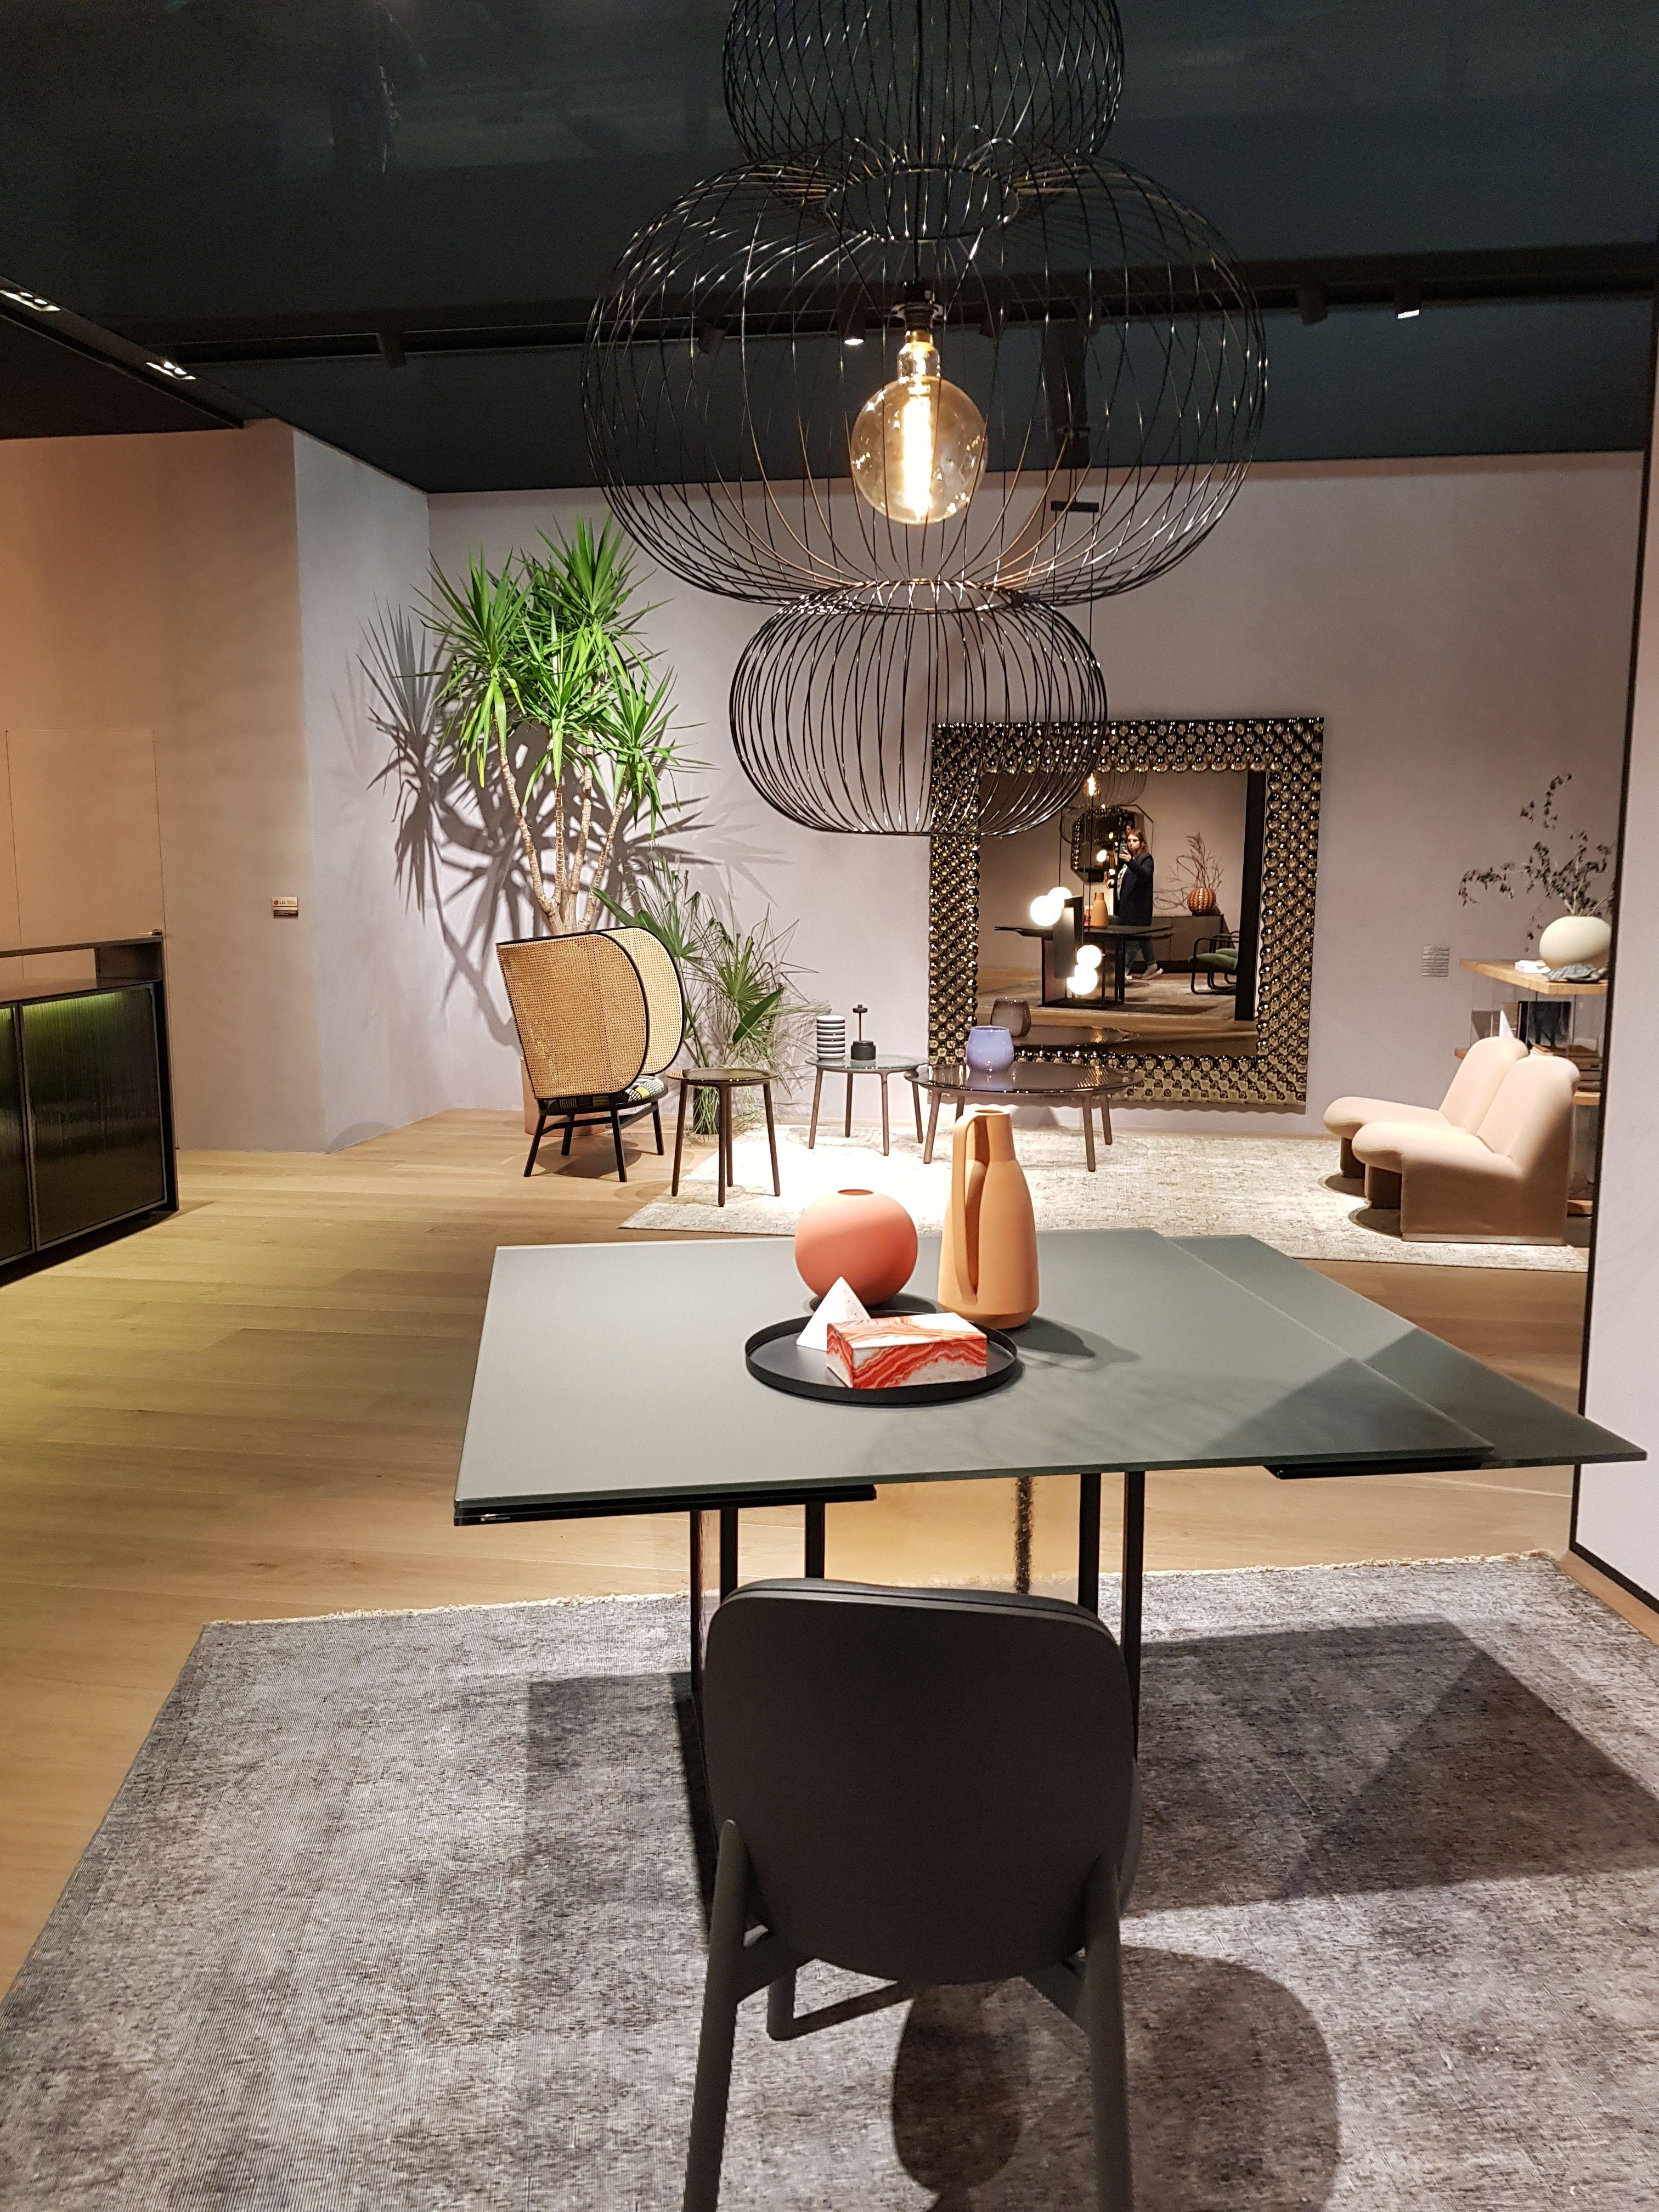 Pin di Fiam Italia su Salone del Mobile 2019 | Idee per ...